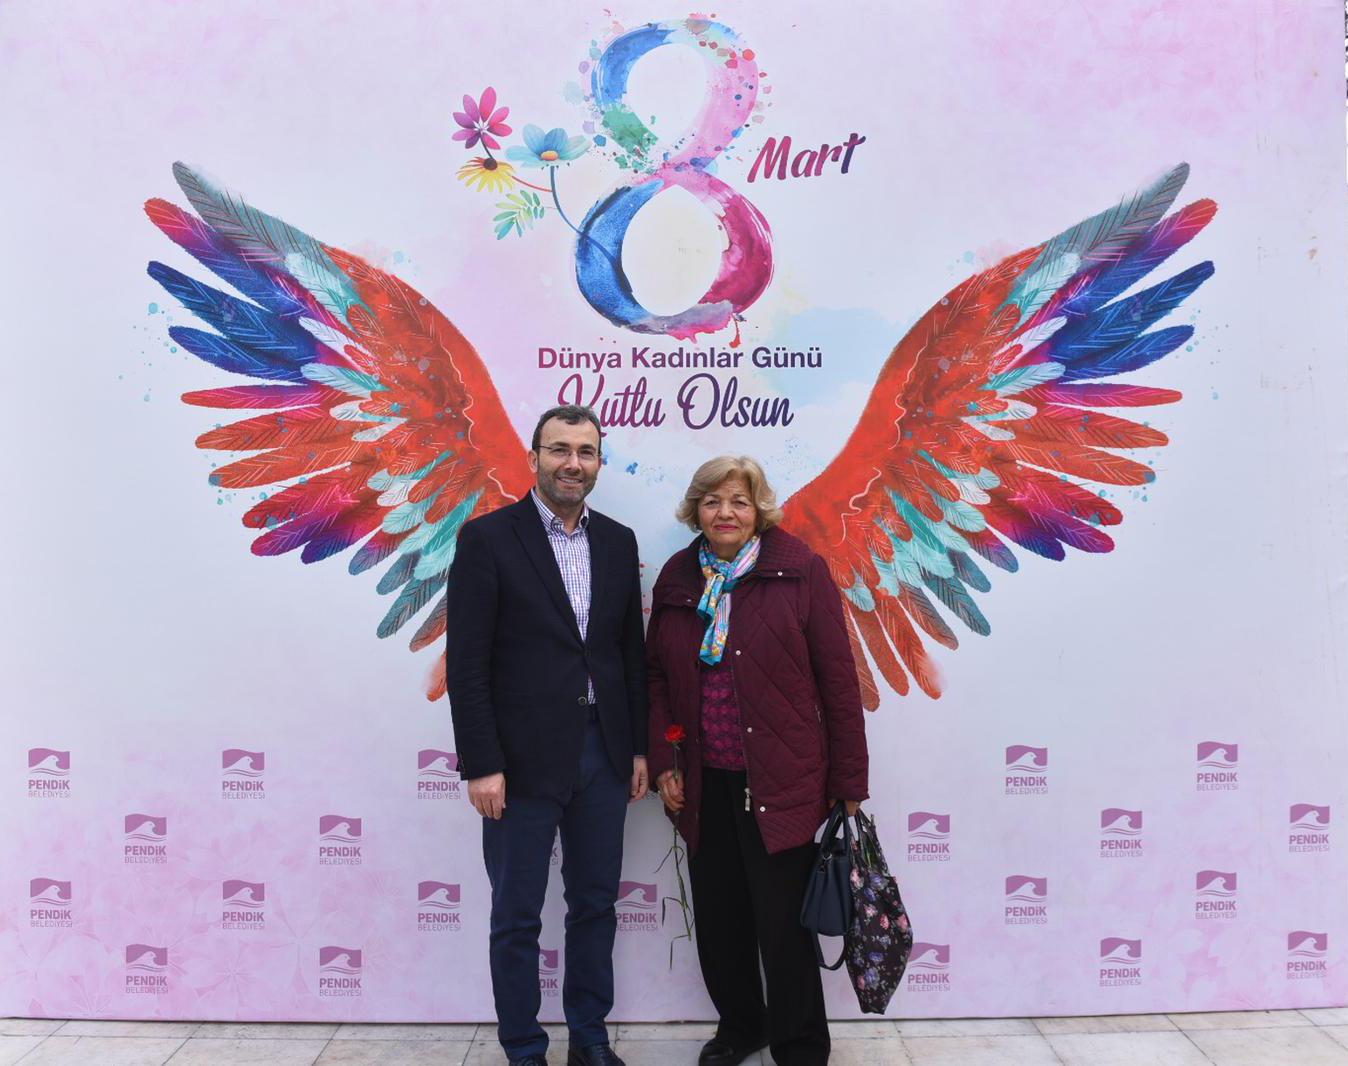 Pendik Belediye Başkanı Ahmet Cin'den Kadınlar Günü'ne özel kutlama!